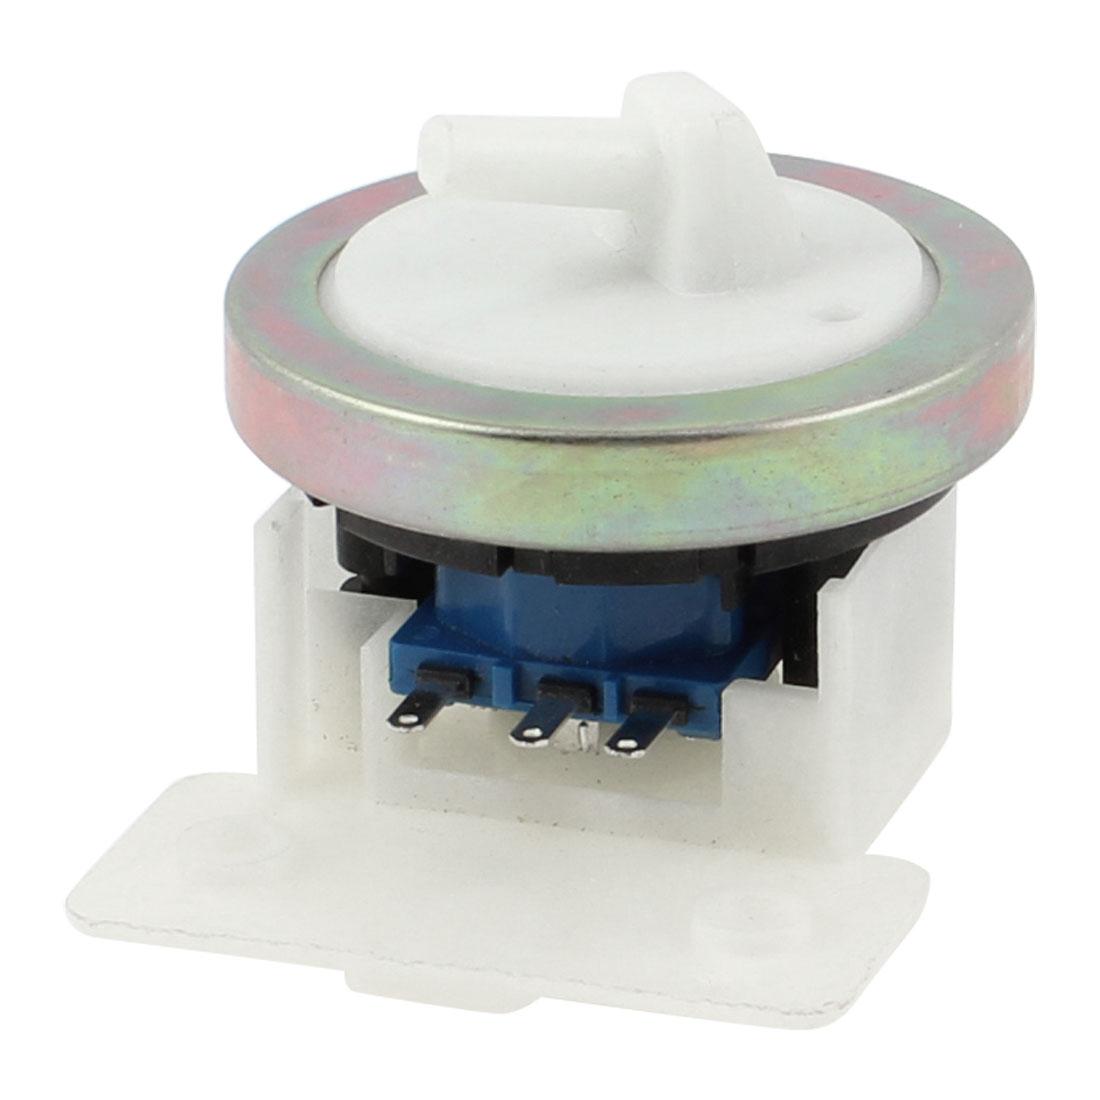 Laundry Washing Machine Washer Water Level Switch White Bronze Tone DC 5V 10mA